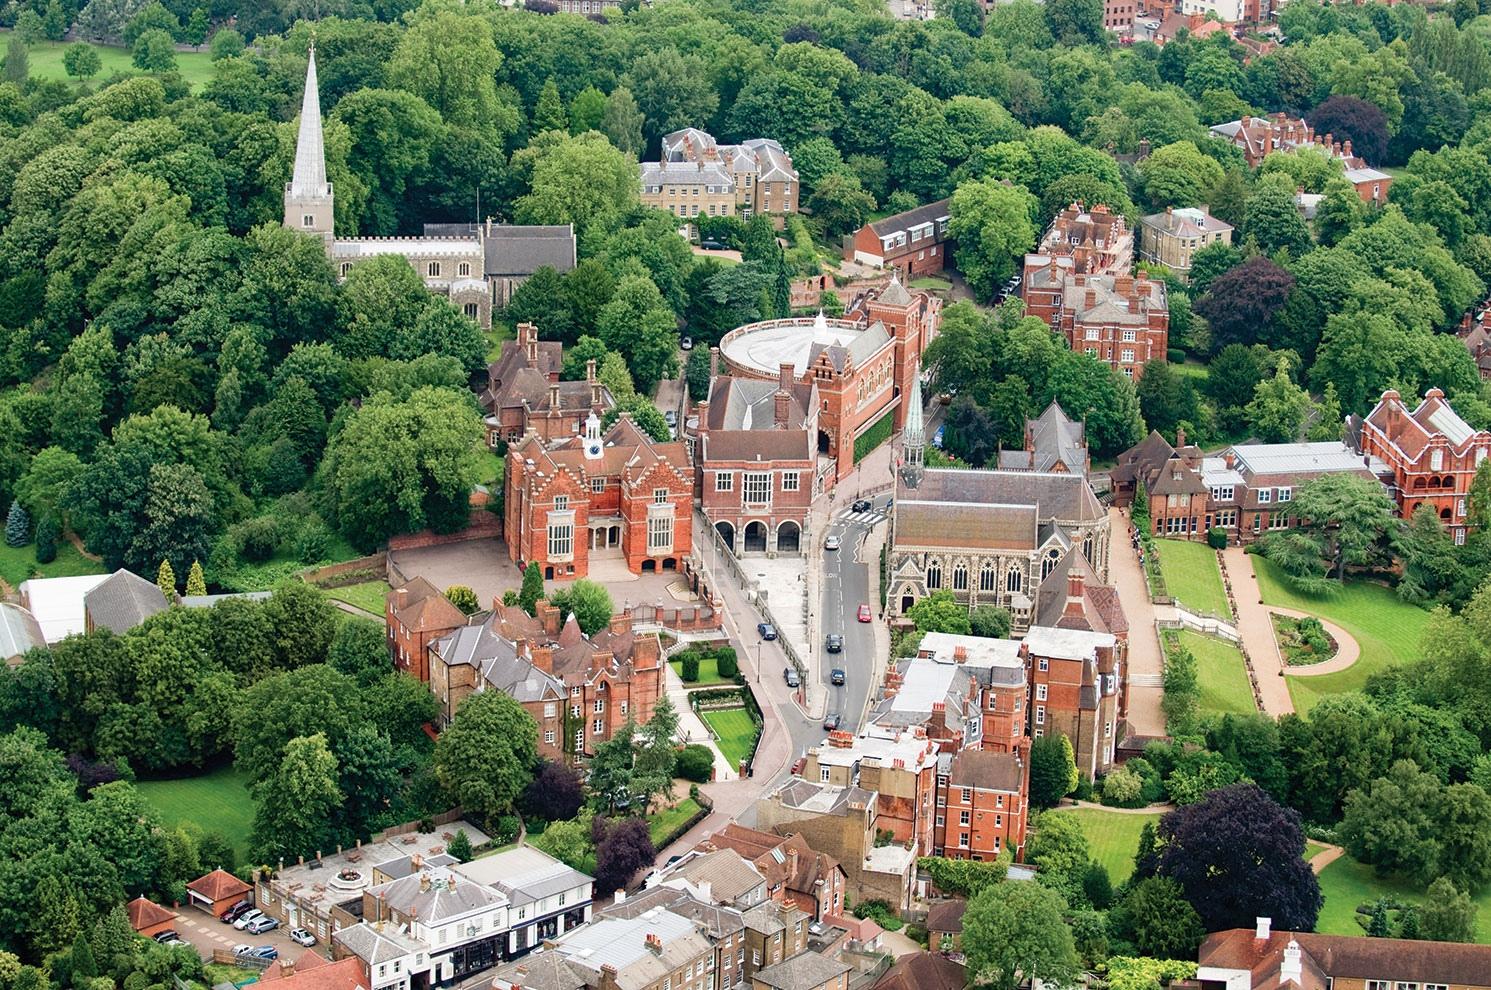 Harrow, UK